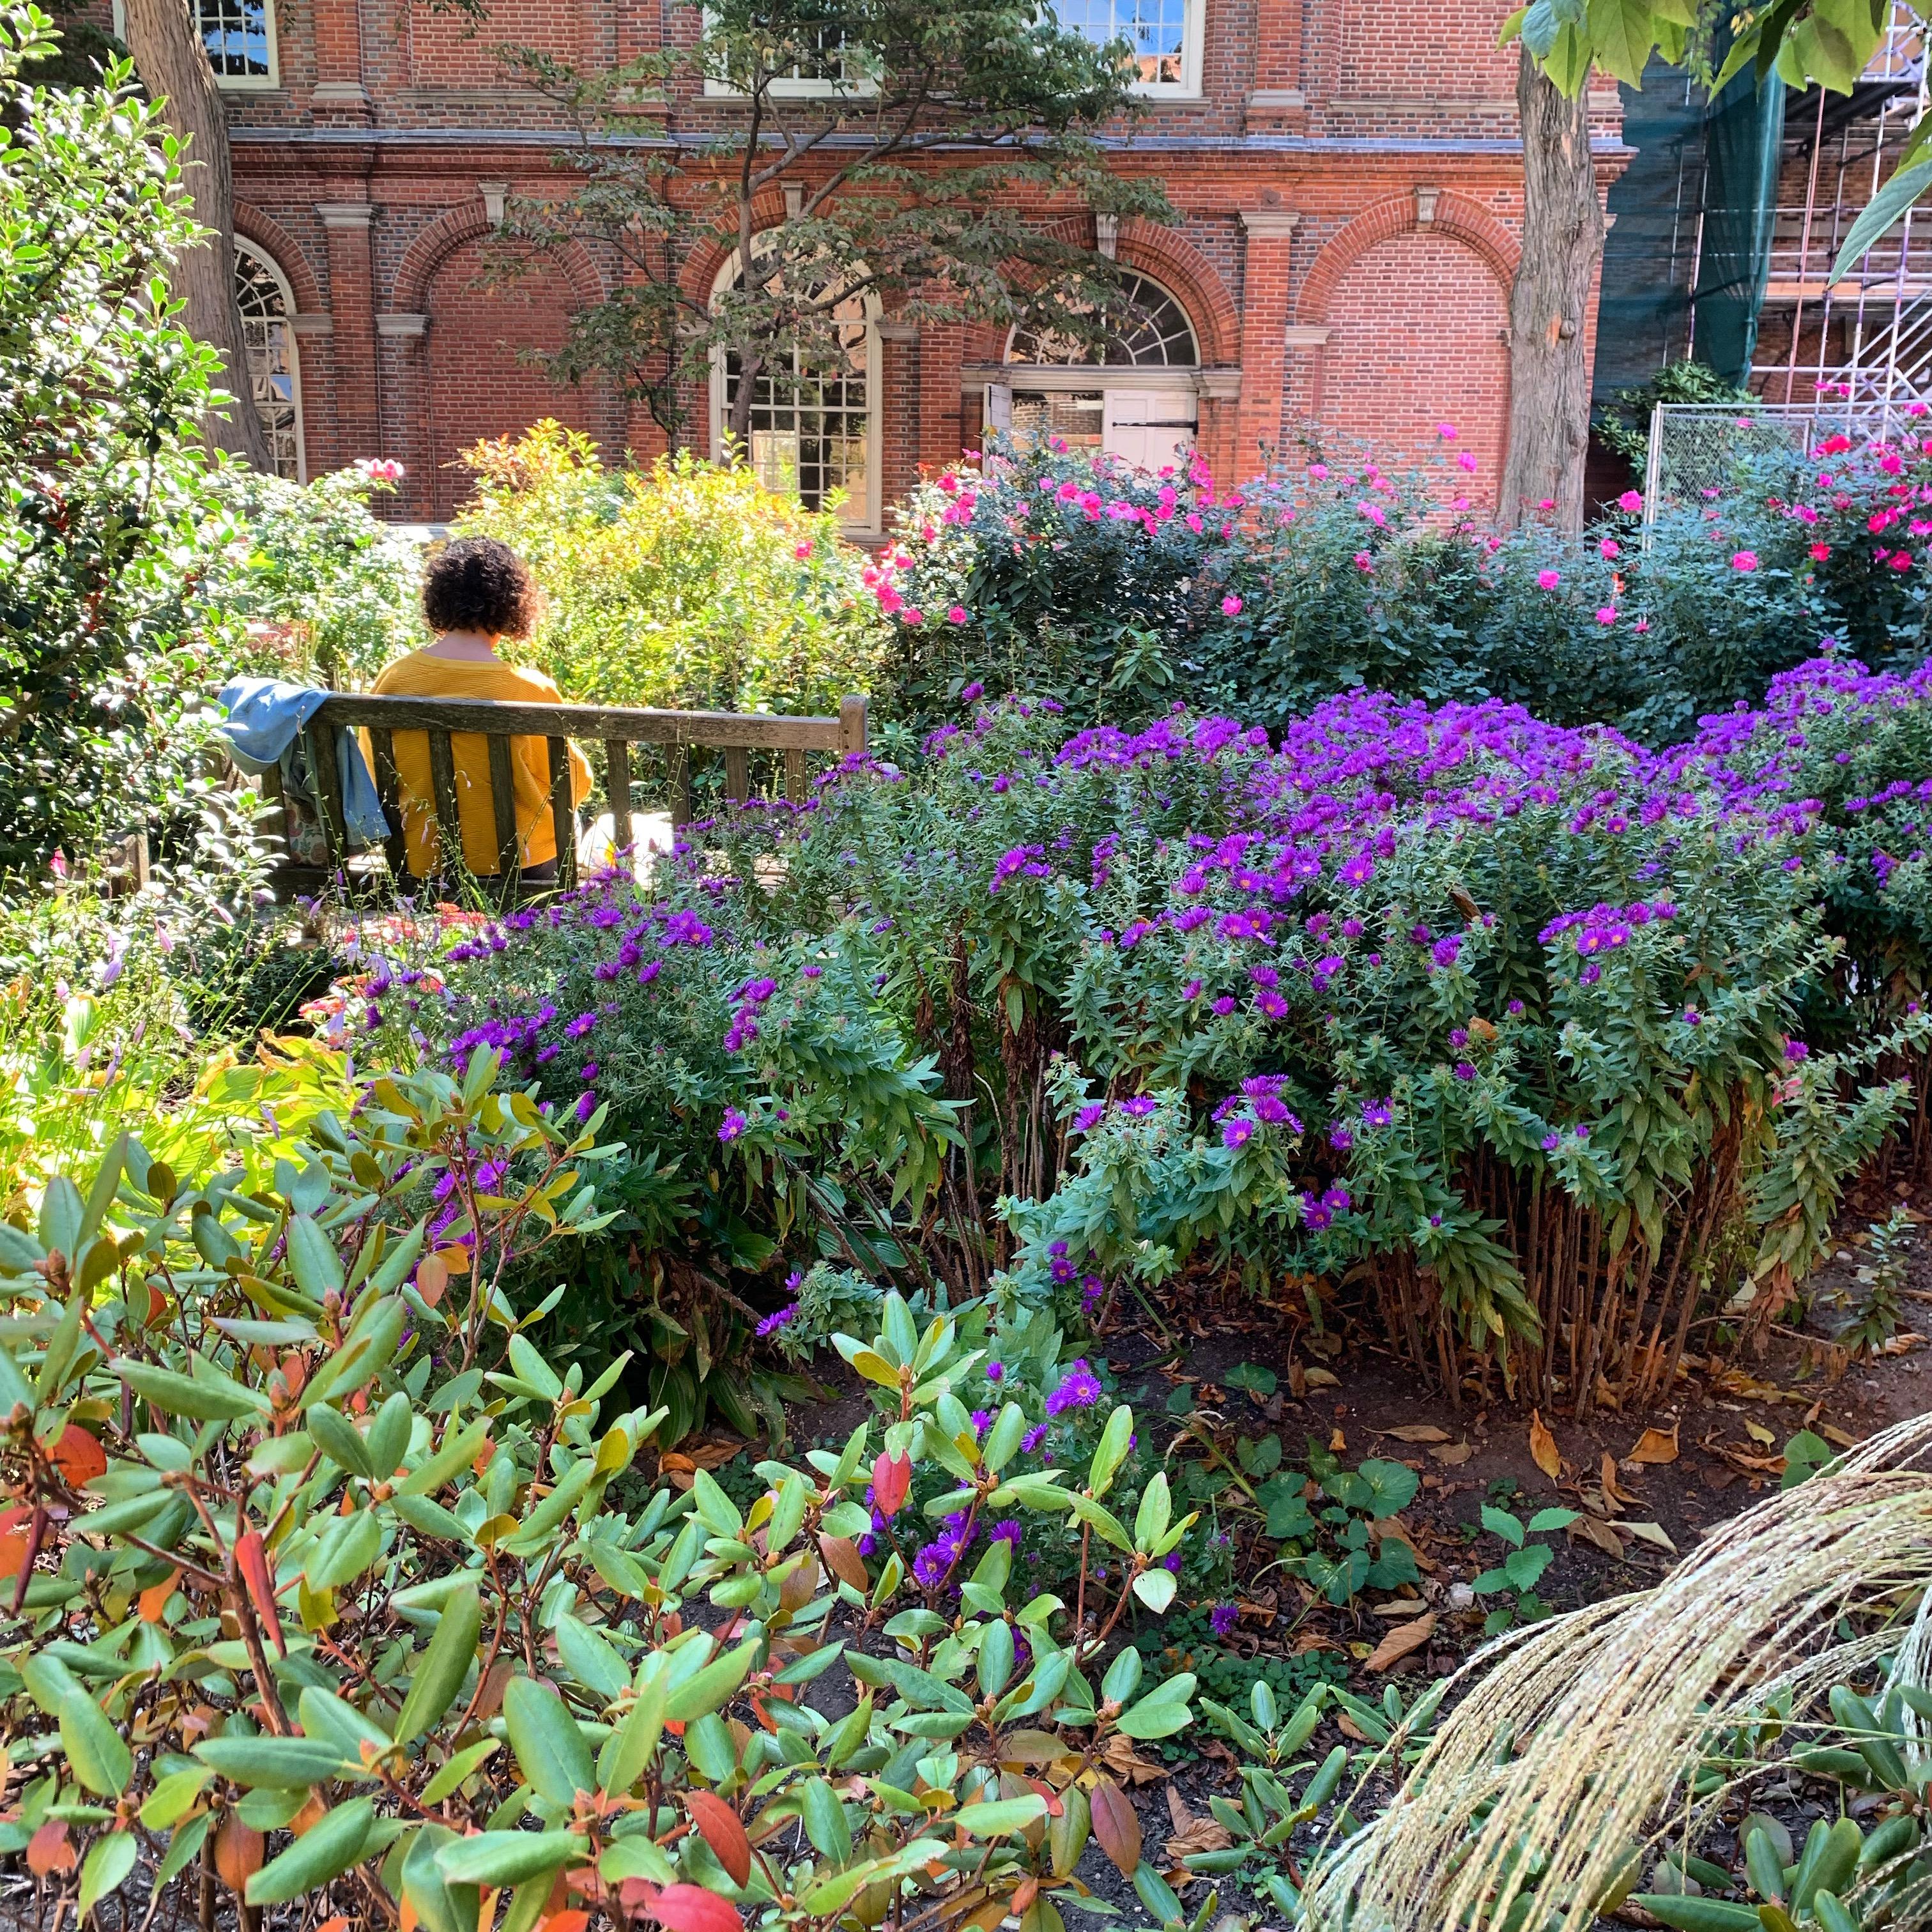 Garden at Christ Church, Philadelphia    Merril D. Smith, October 2019